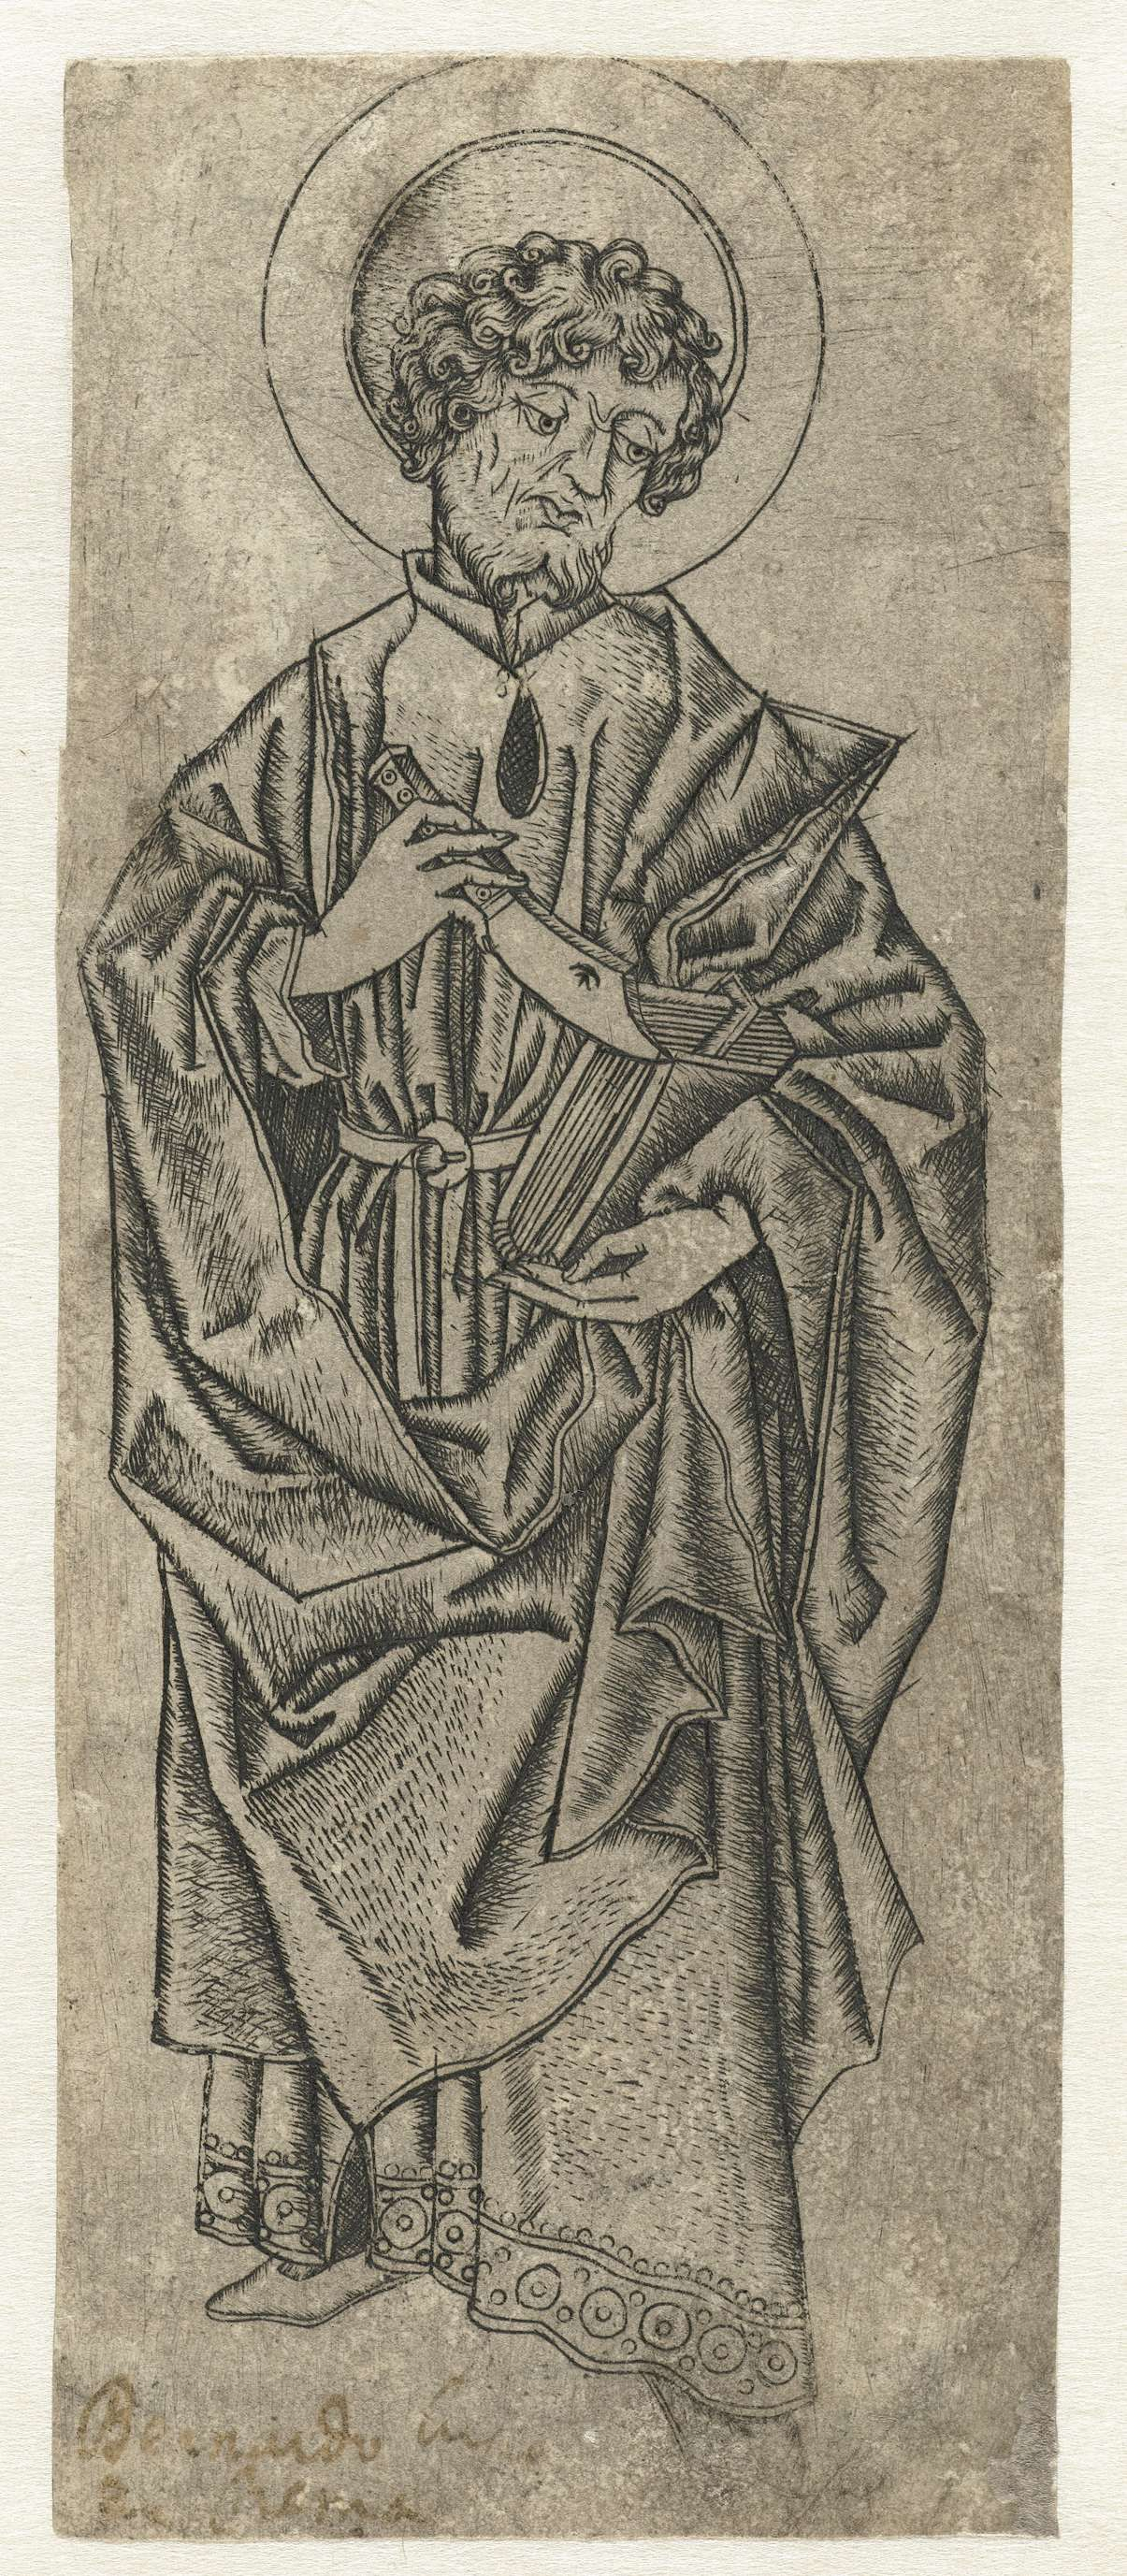 Monogrammist IA | Heilige Bartholomeus, Monogrammist IA, 1480 - 1500 | De heilige Bartholomeus met een mes in zijn rechterhand en een boek onder de arm.